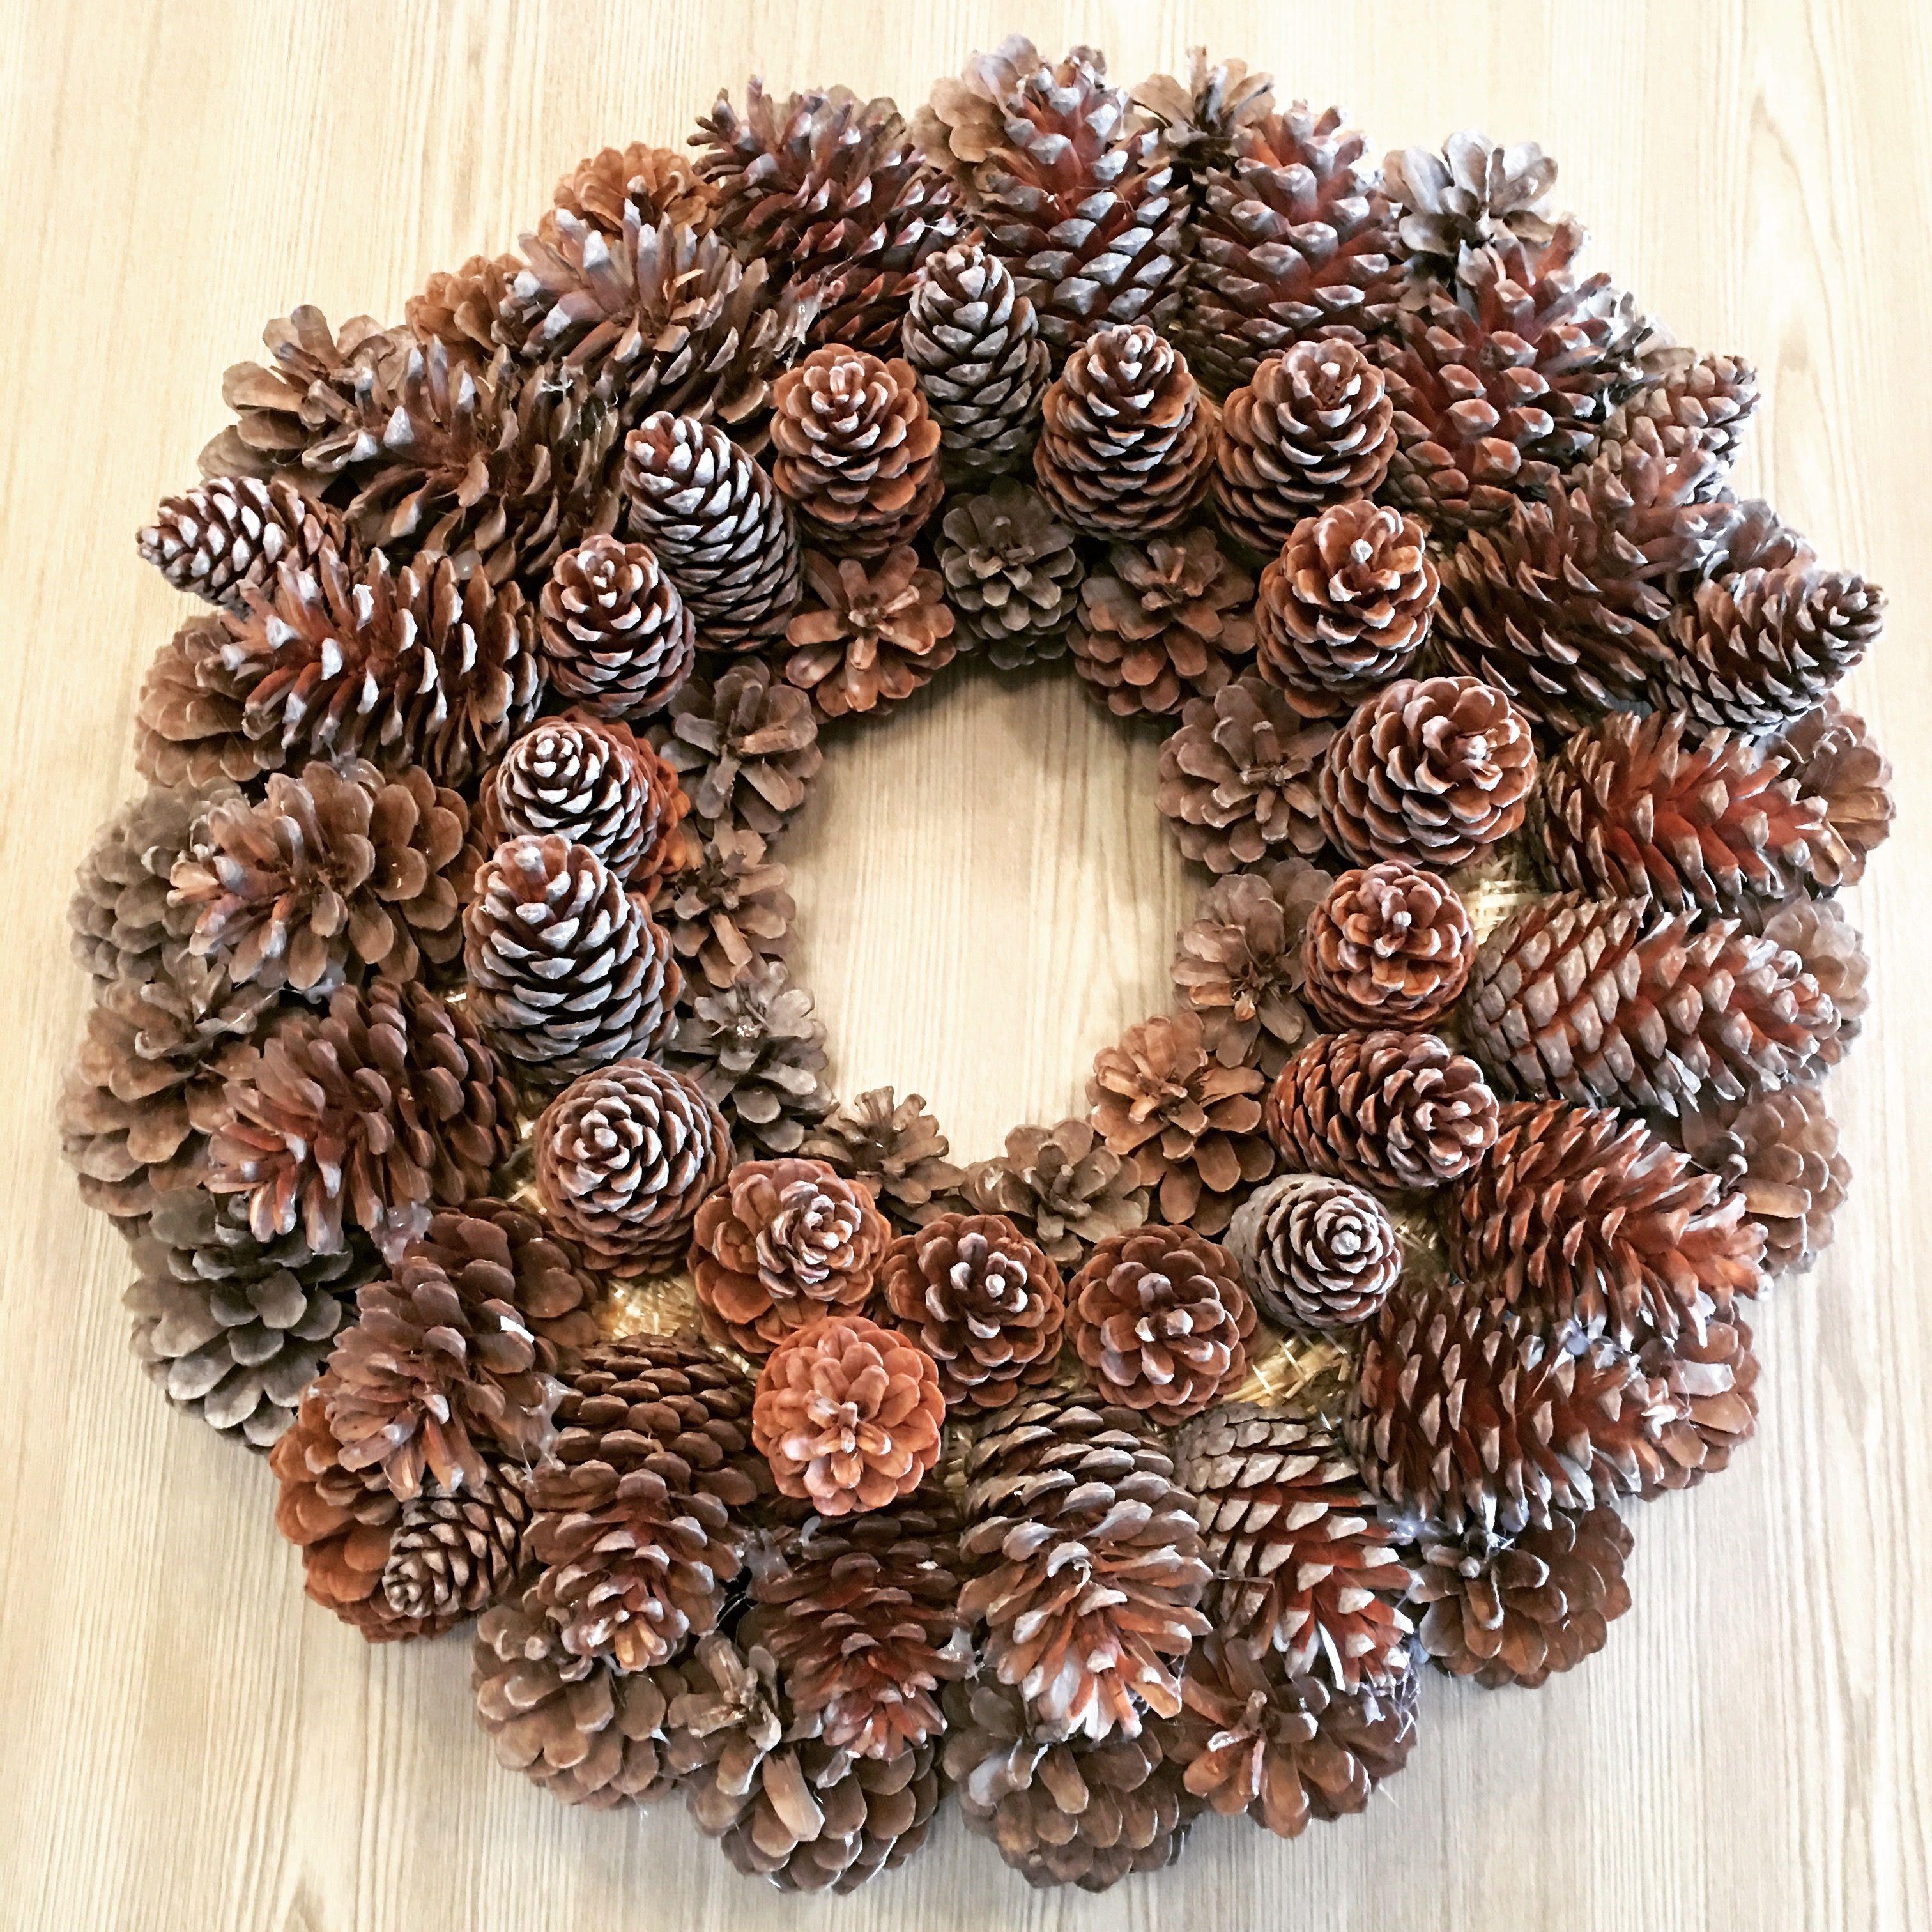 Décoration de Noël naturelle: couronne de pomme de pin.